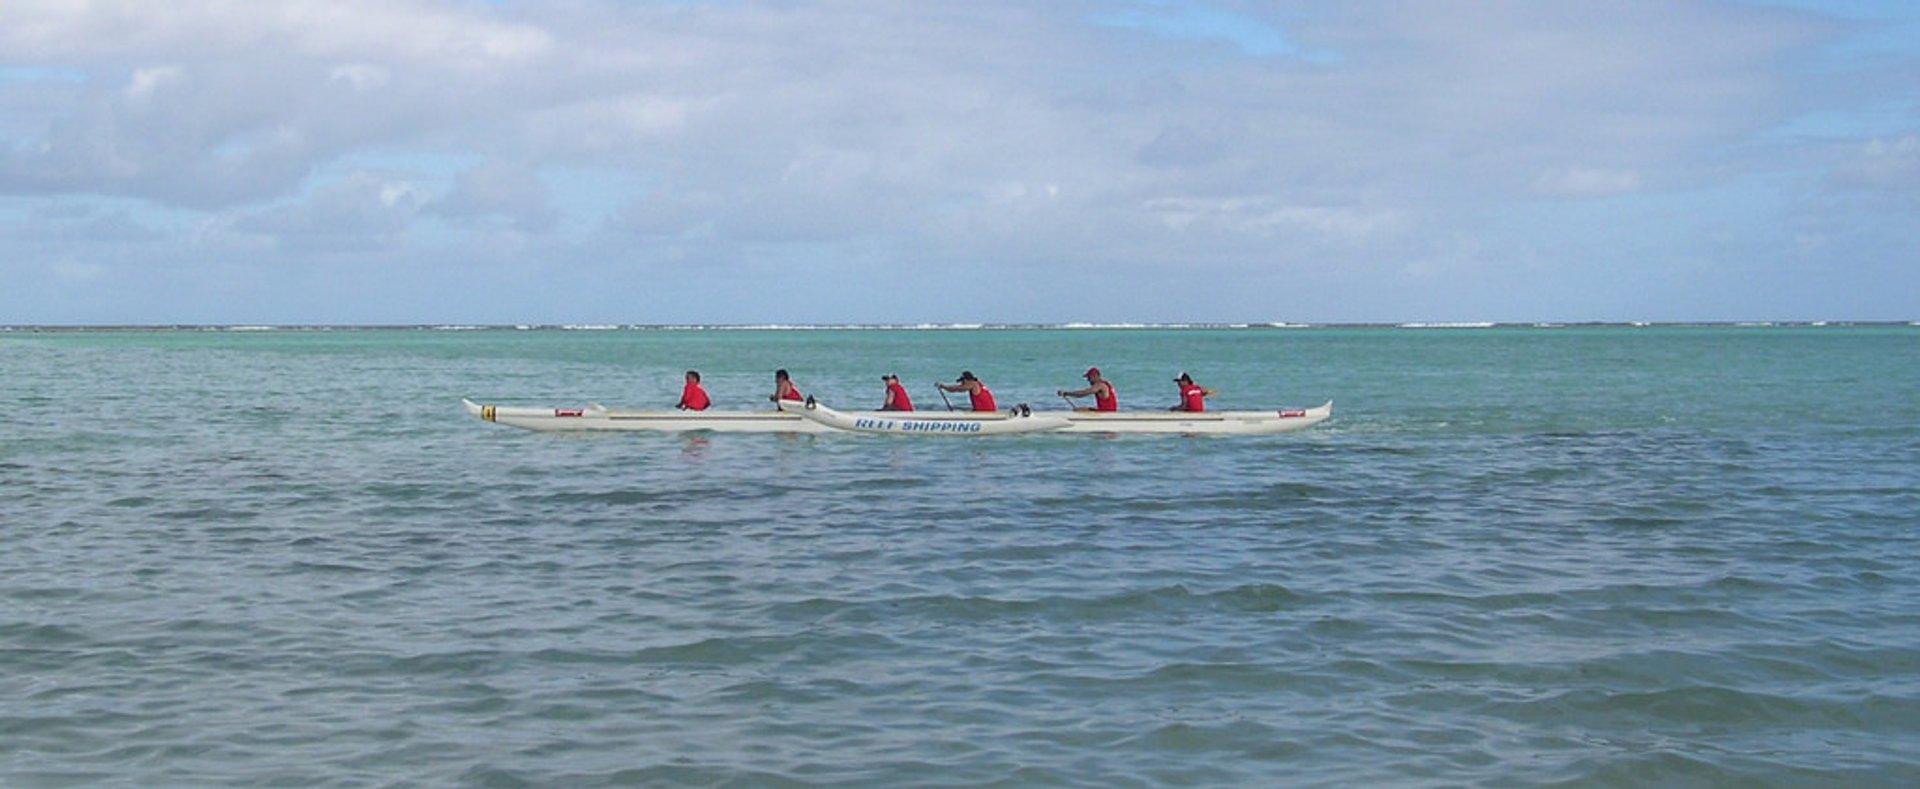 Vaka Eiva in Rarotonga & Cook Islands 2020 - Best Time